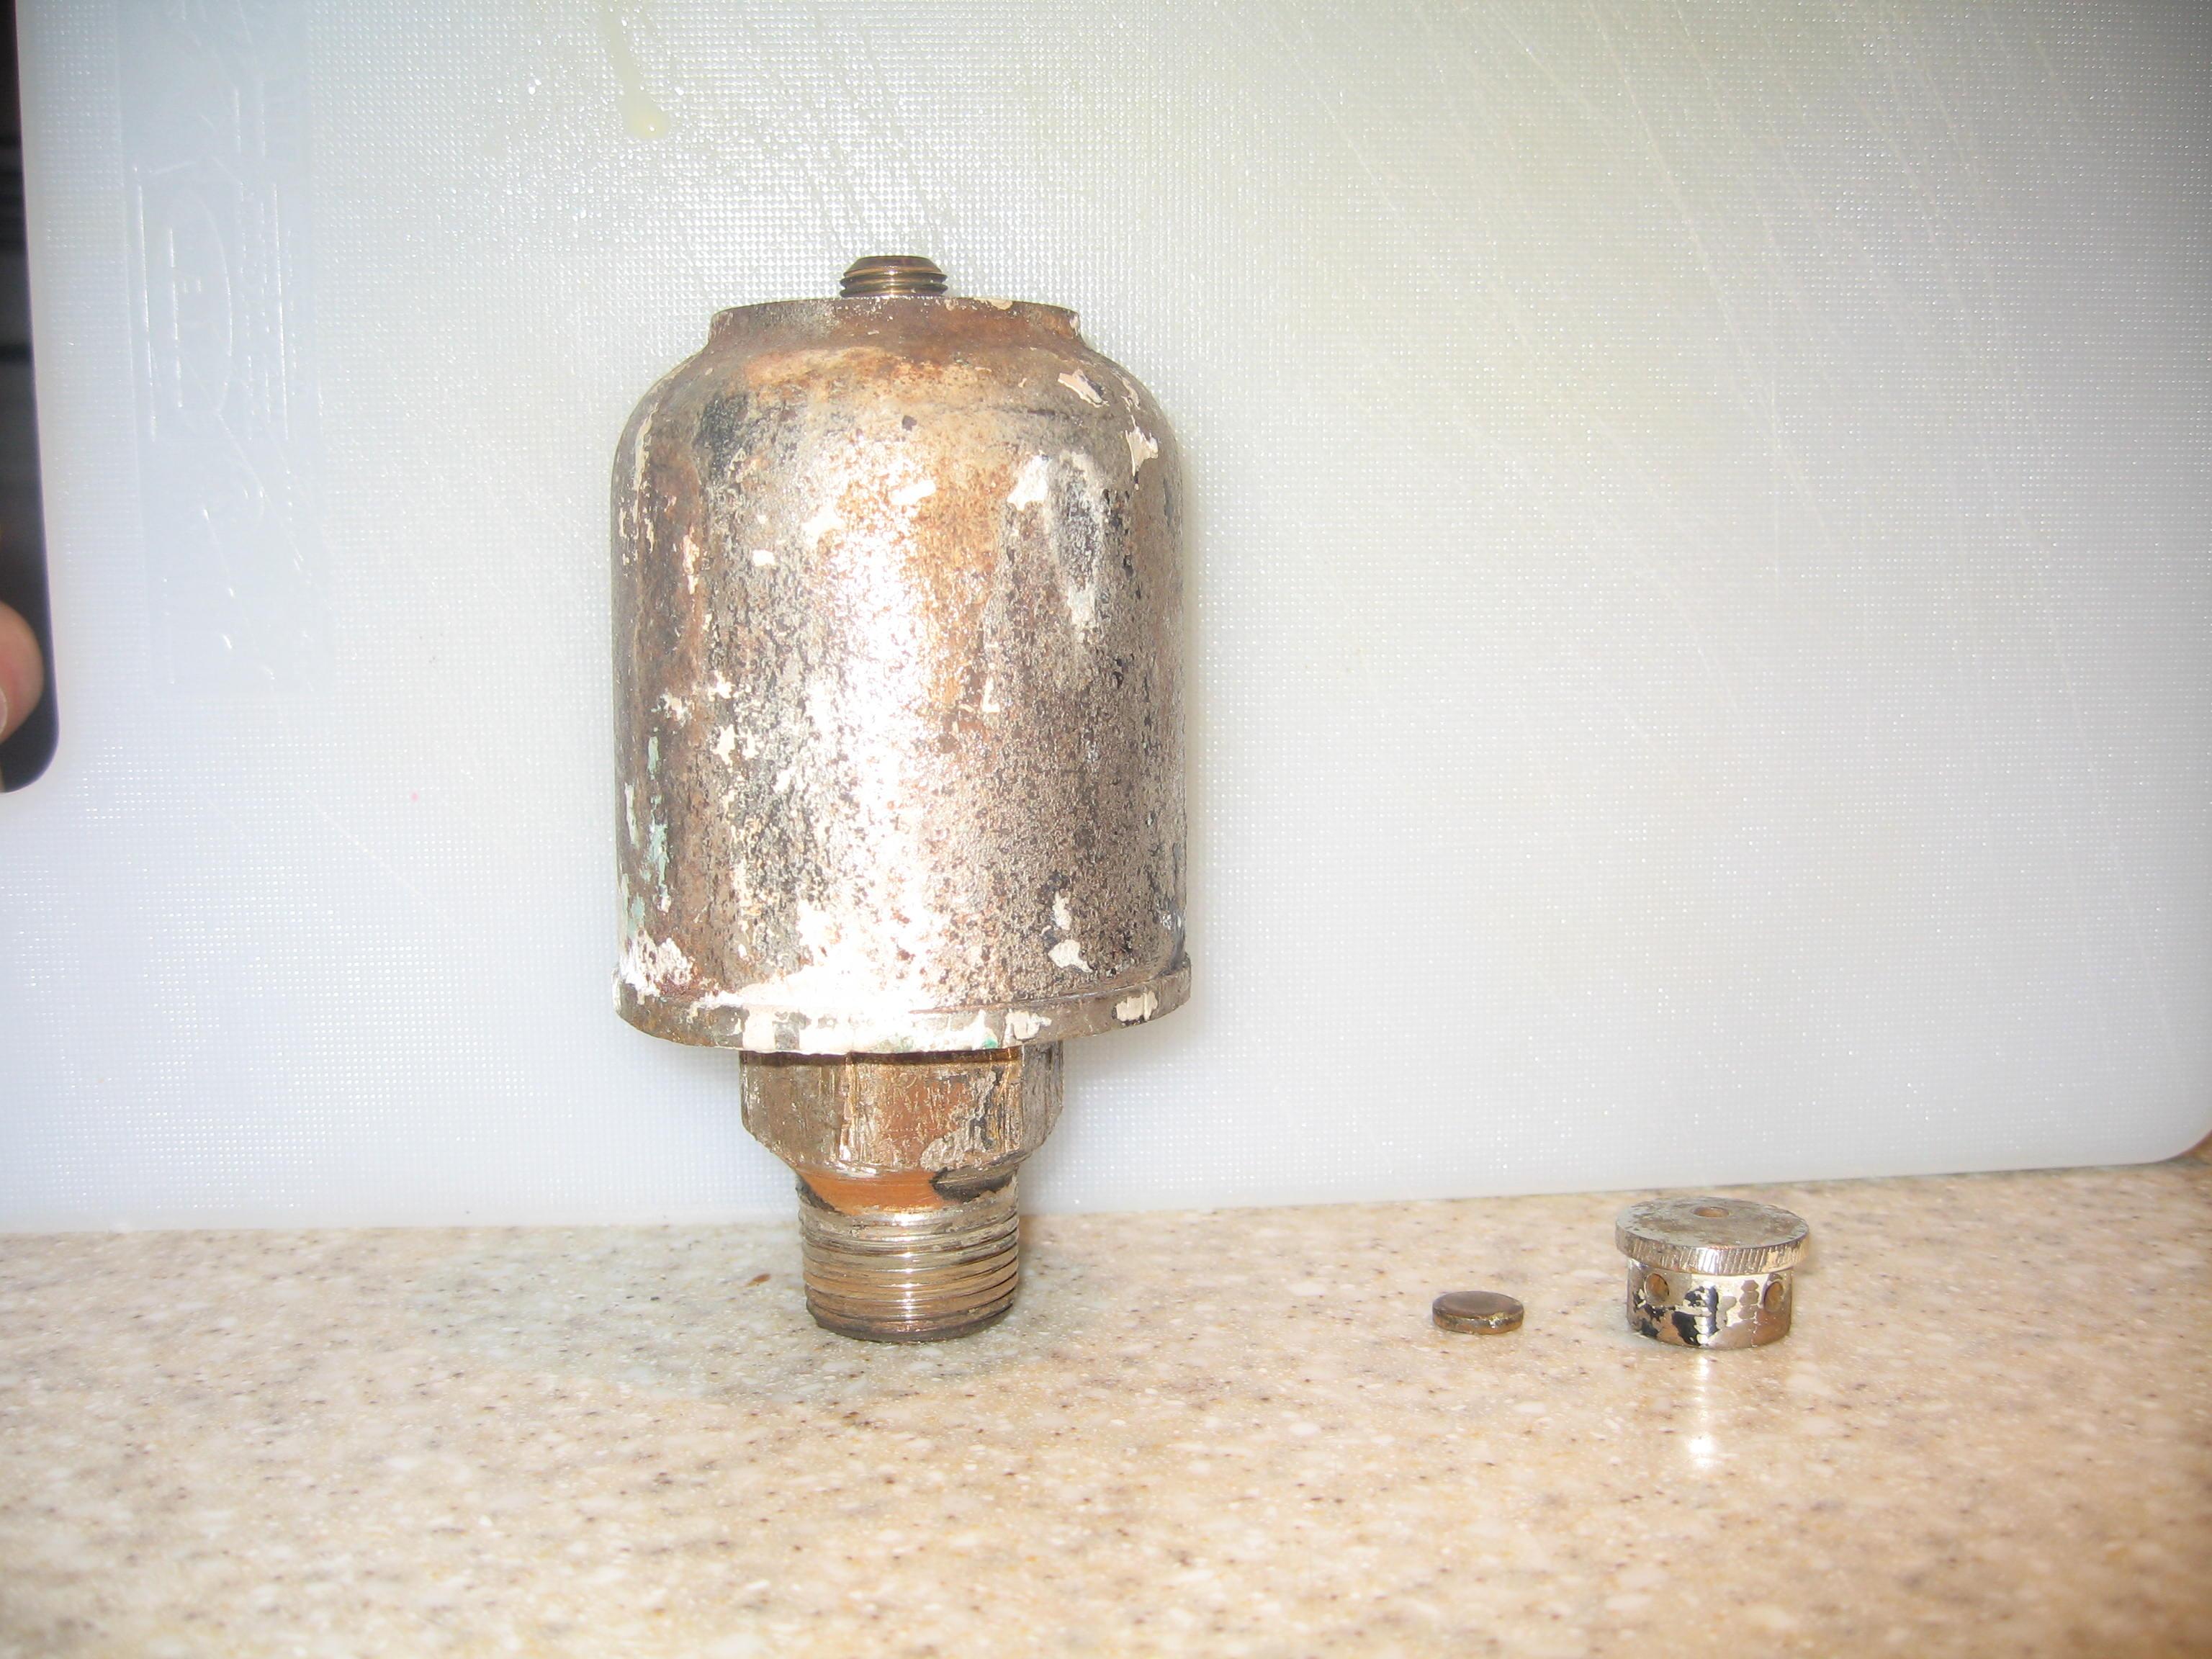 Самодельный обратный клапан : подробно о том, как сделать обратный клапан 21